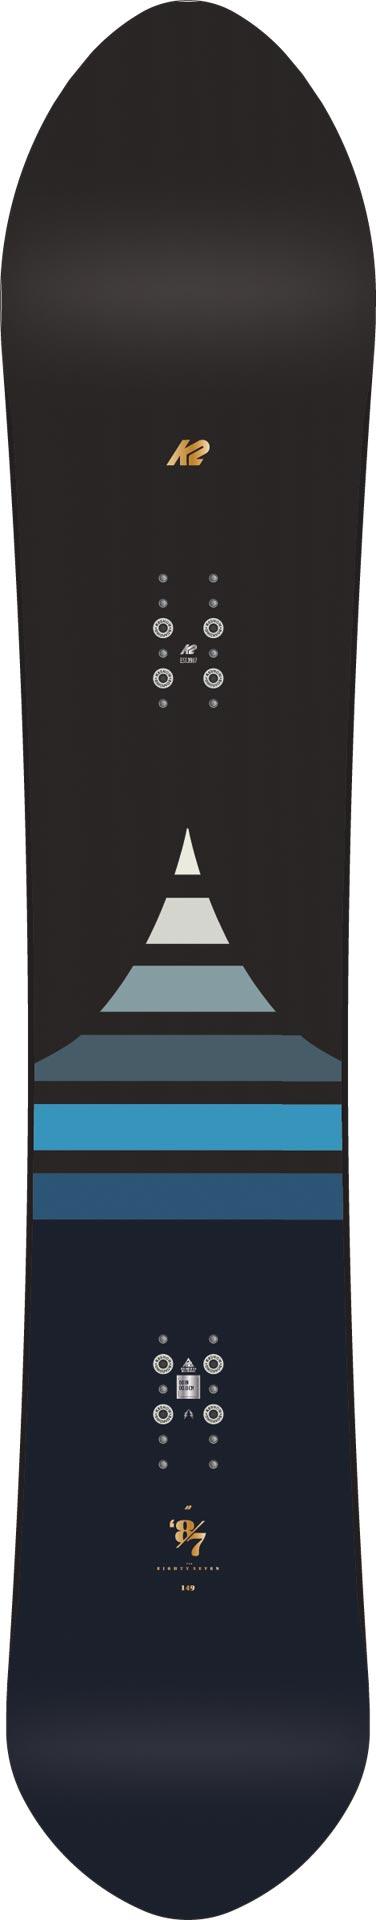 K2: 87 Board